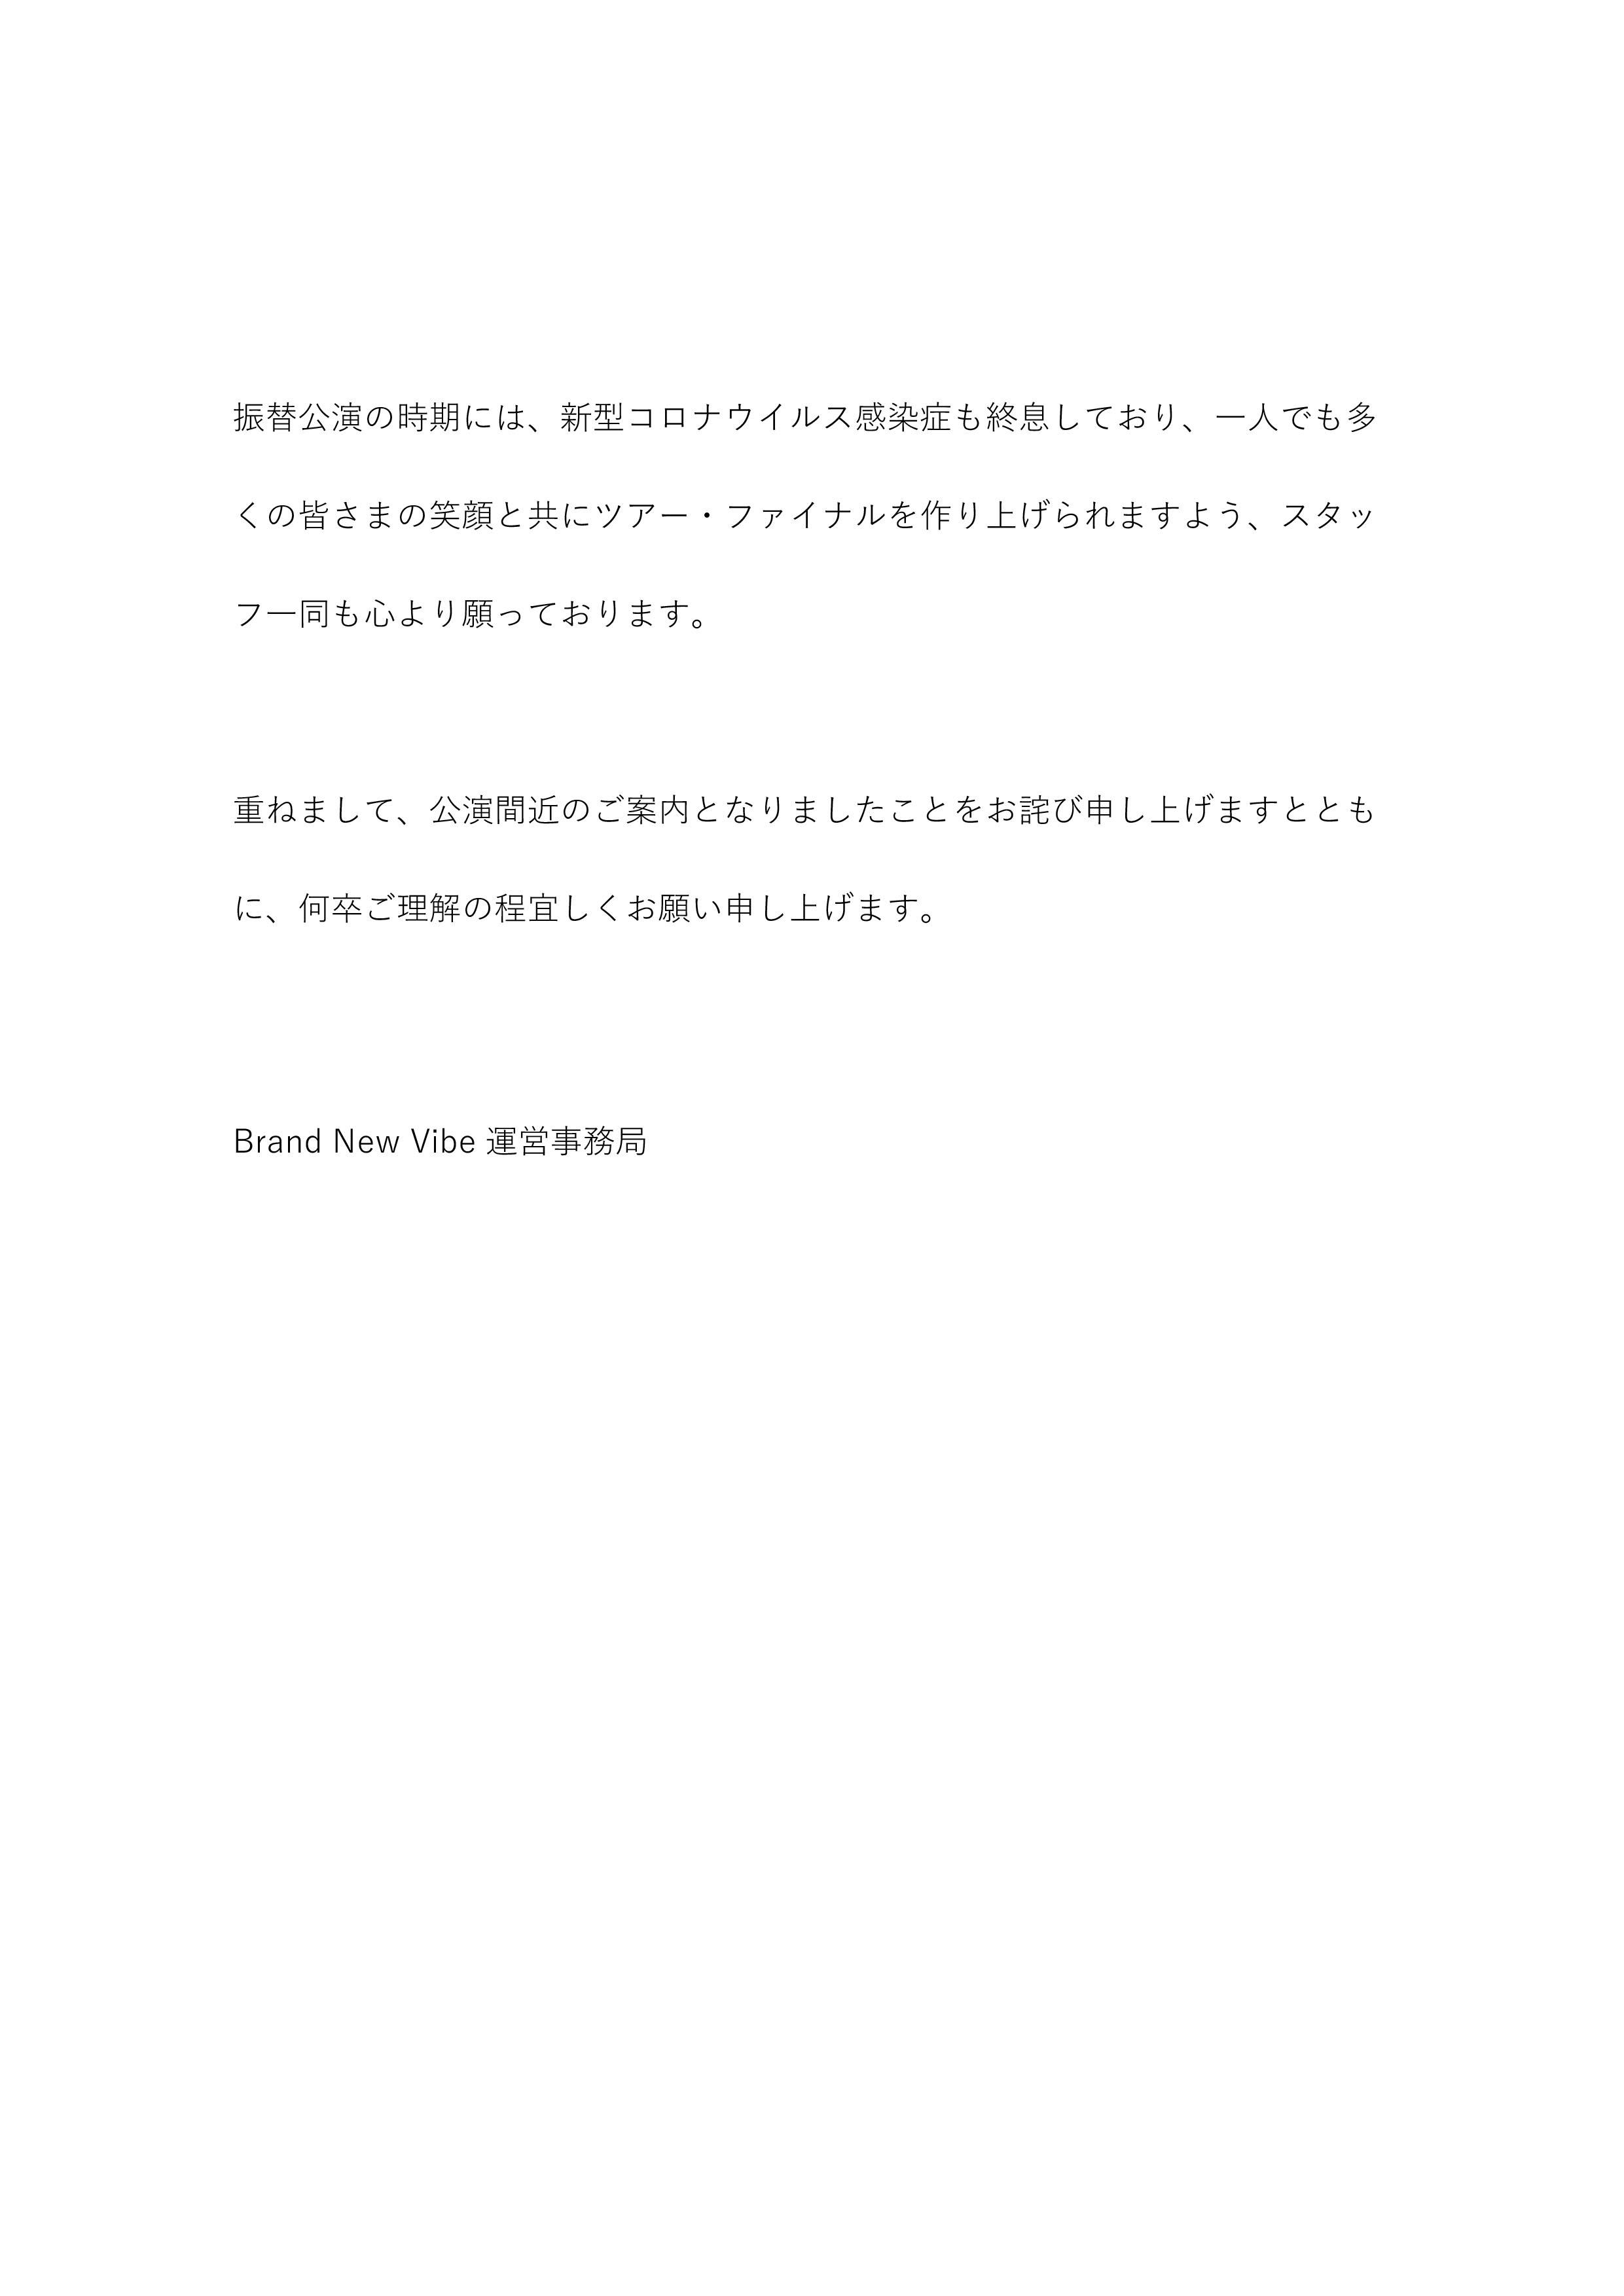 【公演延期】 Brand New Vibe 3.1@WWW X-5.jpg